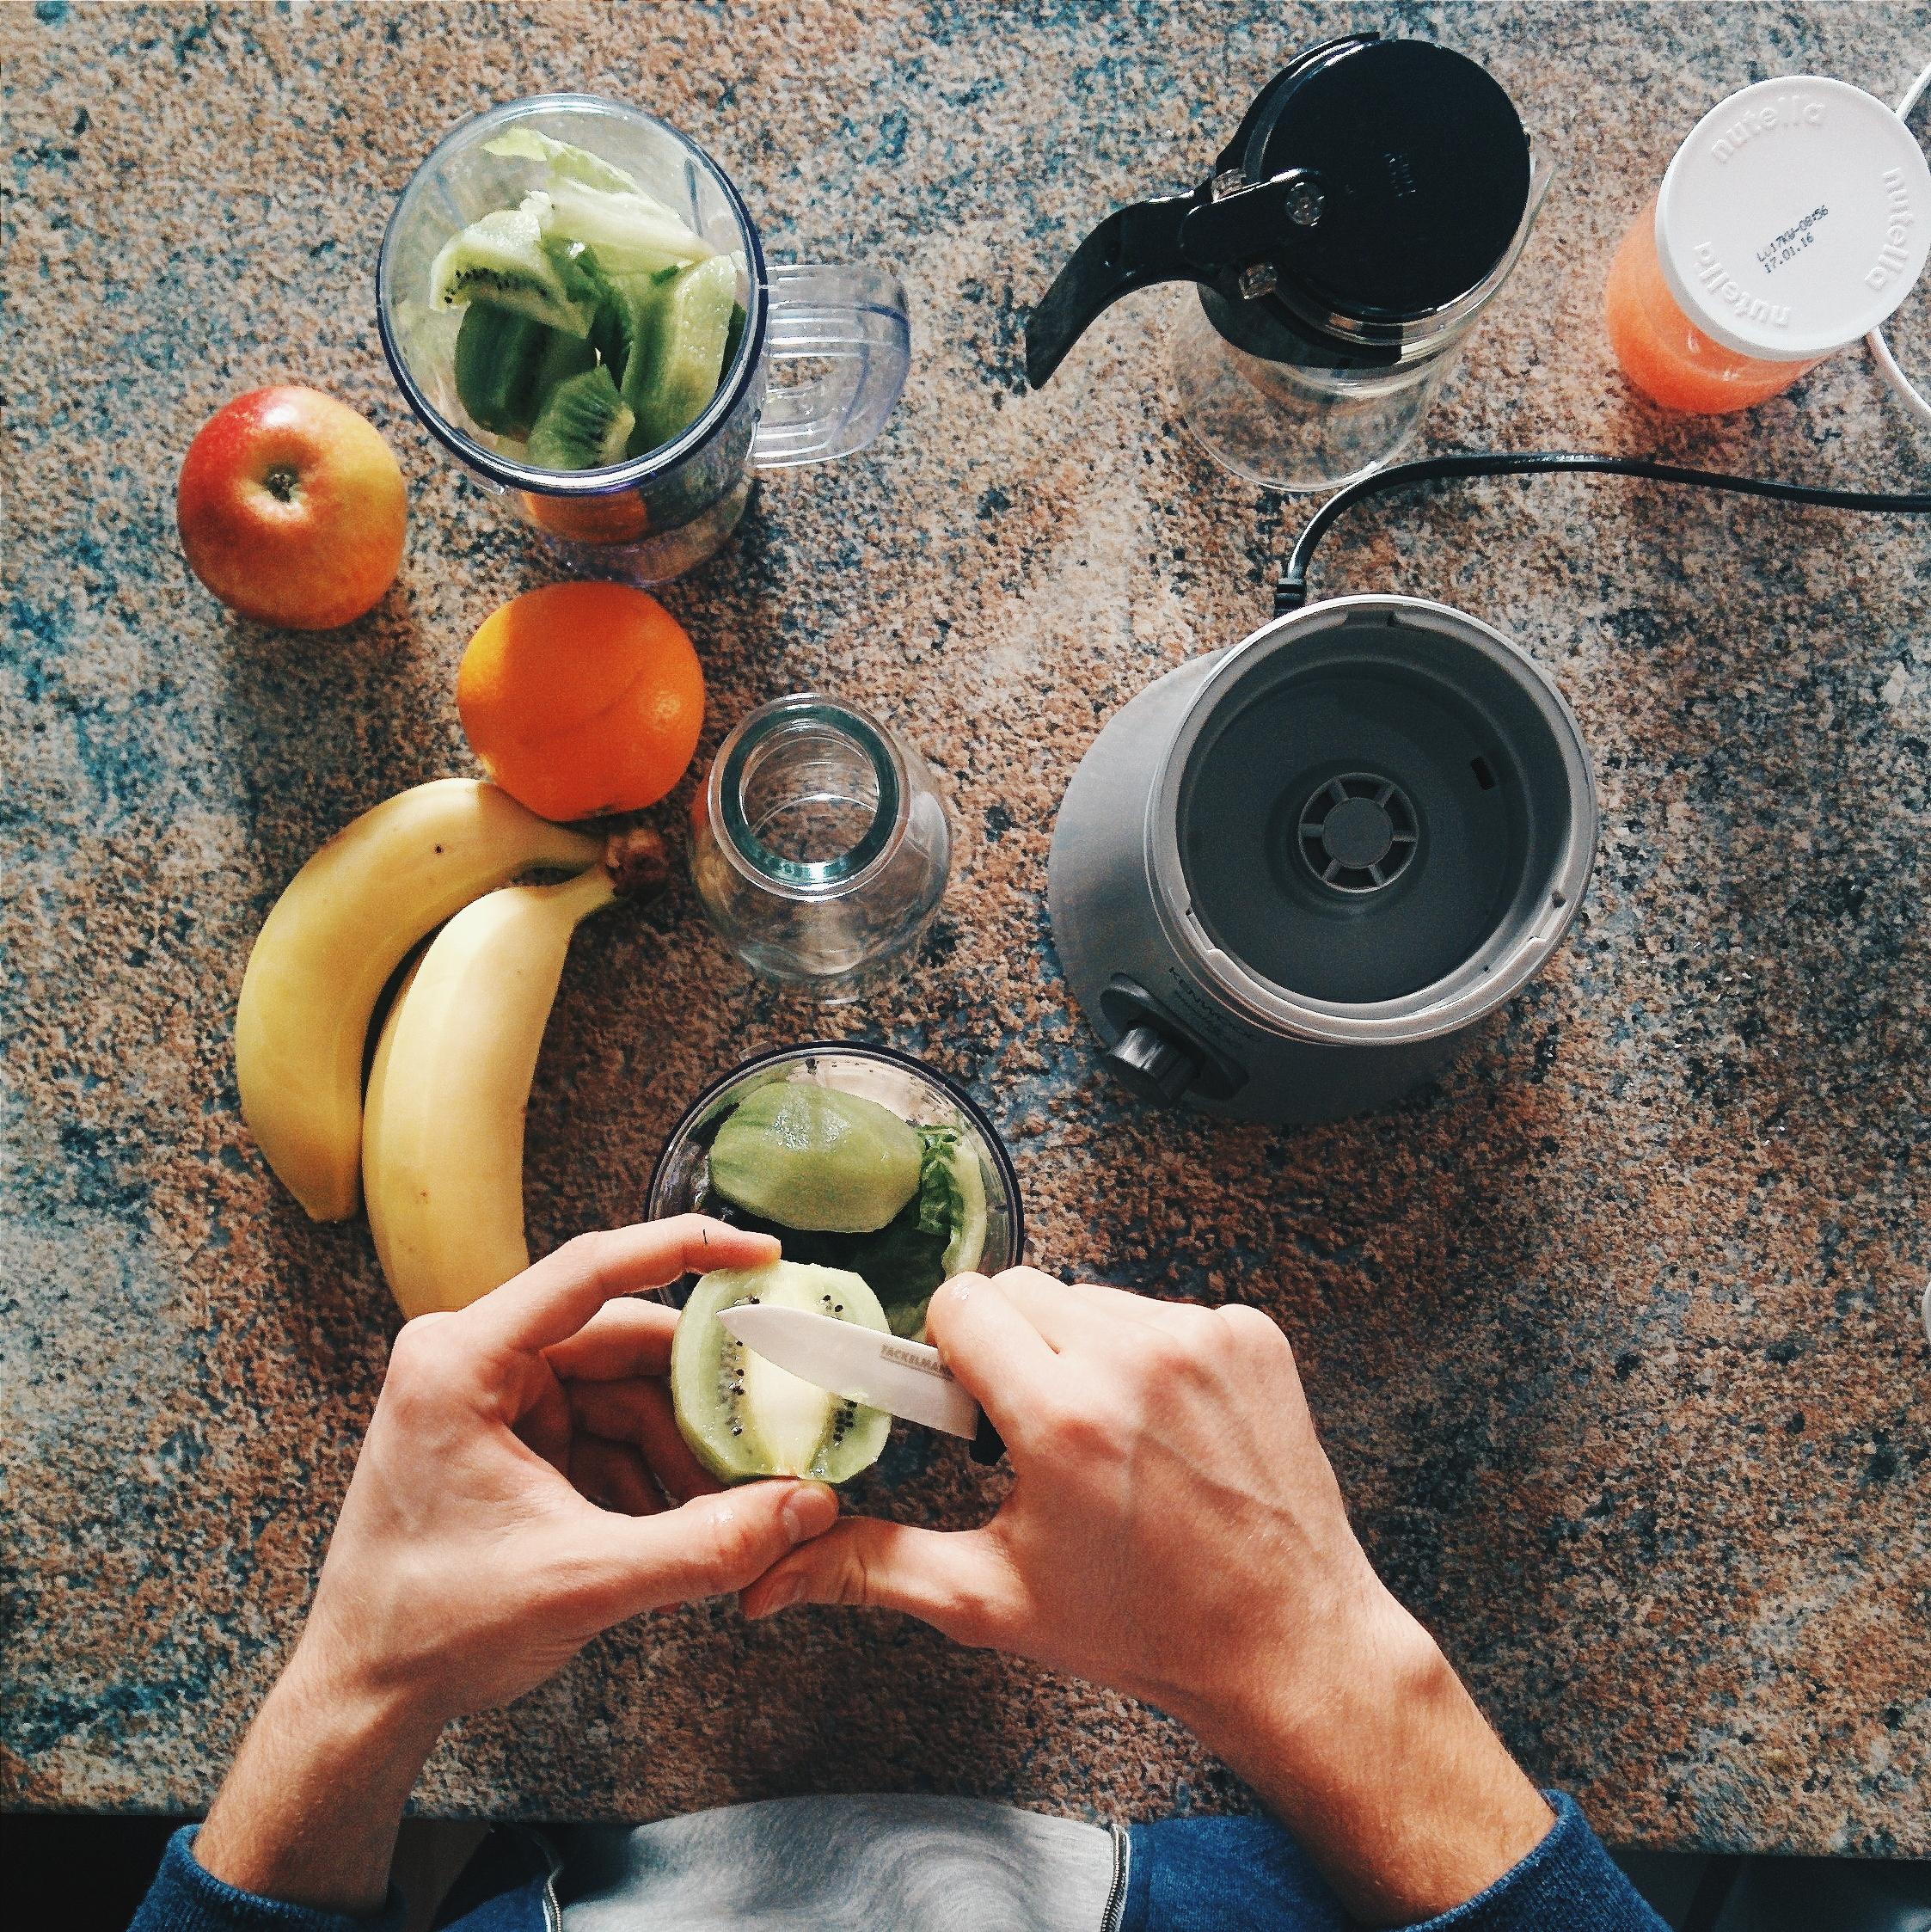 foodiesfeed.com_making-healthy-smoothie.jpg